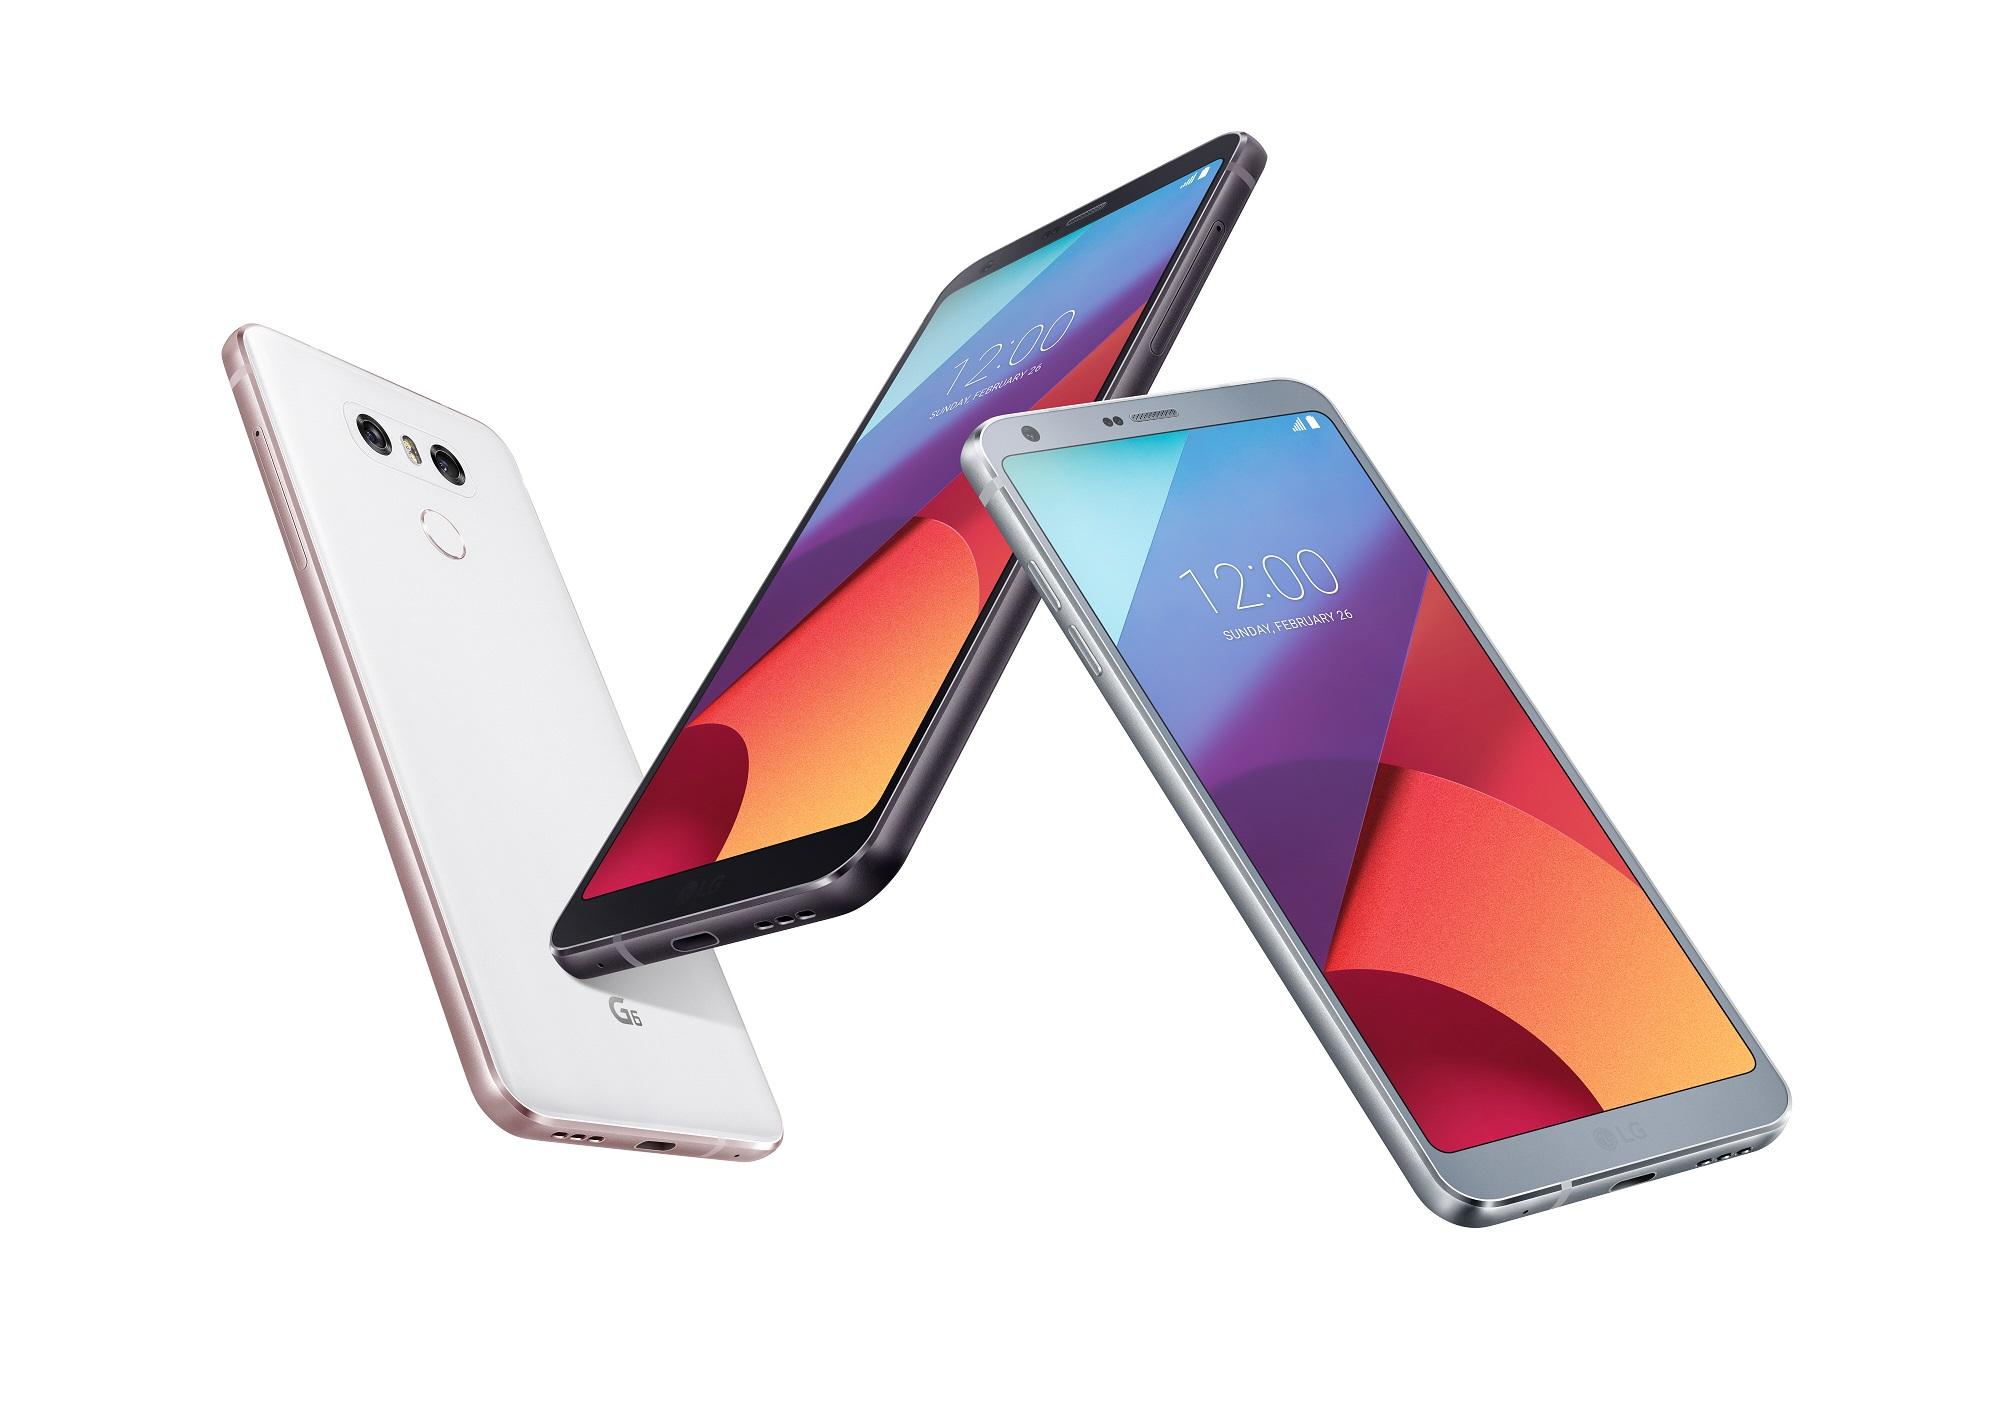 Jaki smartfon do 1500 zł warto kupić? TOP 6 najciekawszych modeli